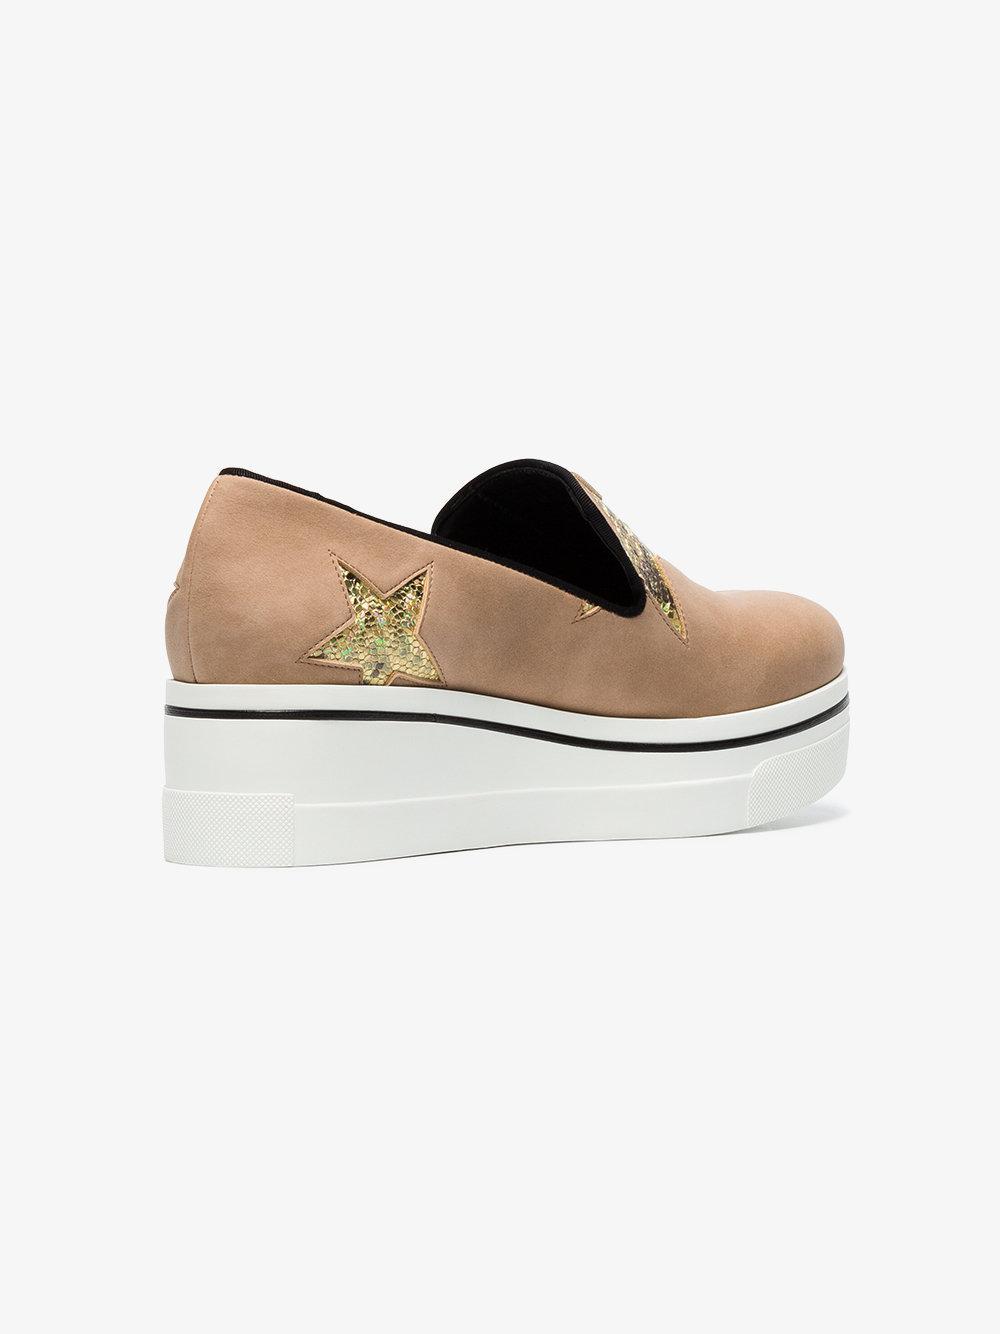 Stella McCartney Synthetic Stella Binx Slip-on Sneakers